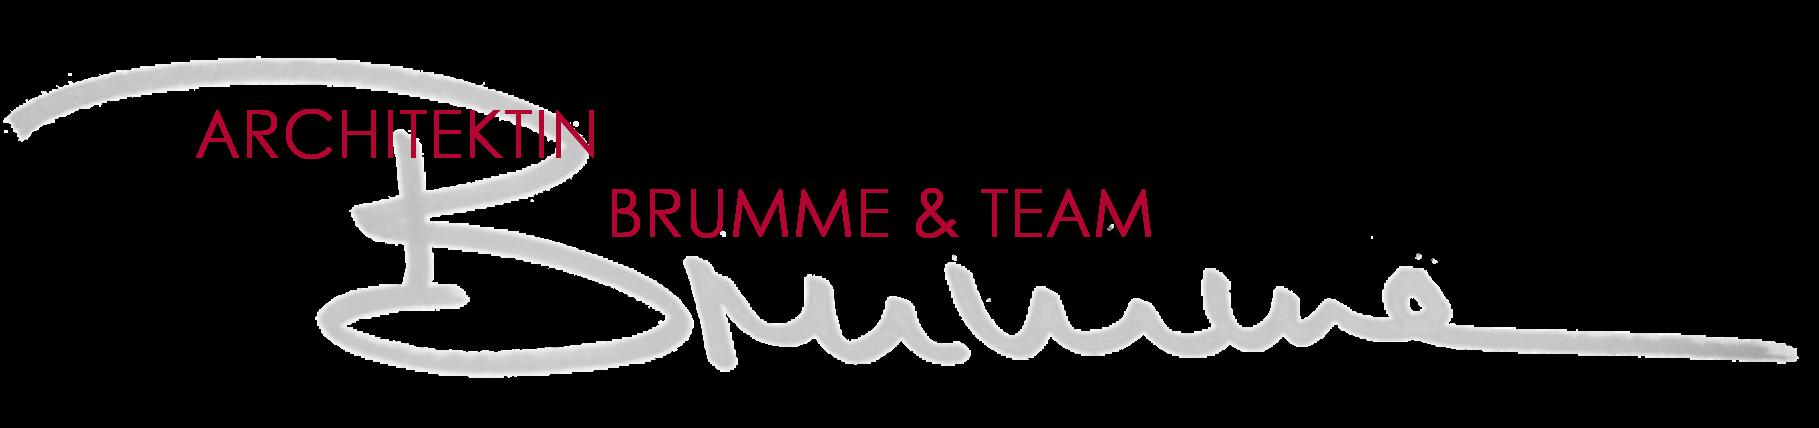 Architektin Heike Brumme Logo